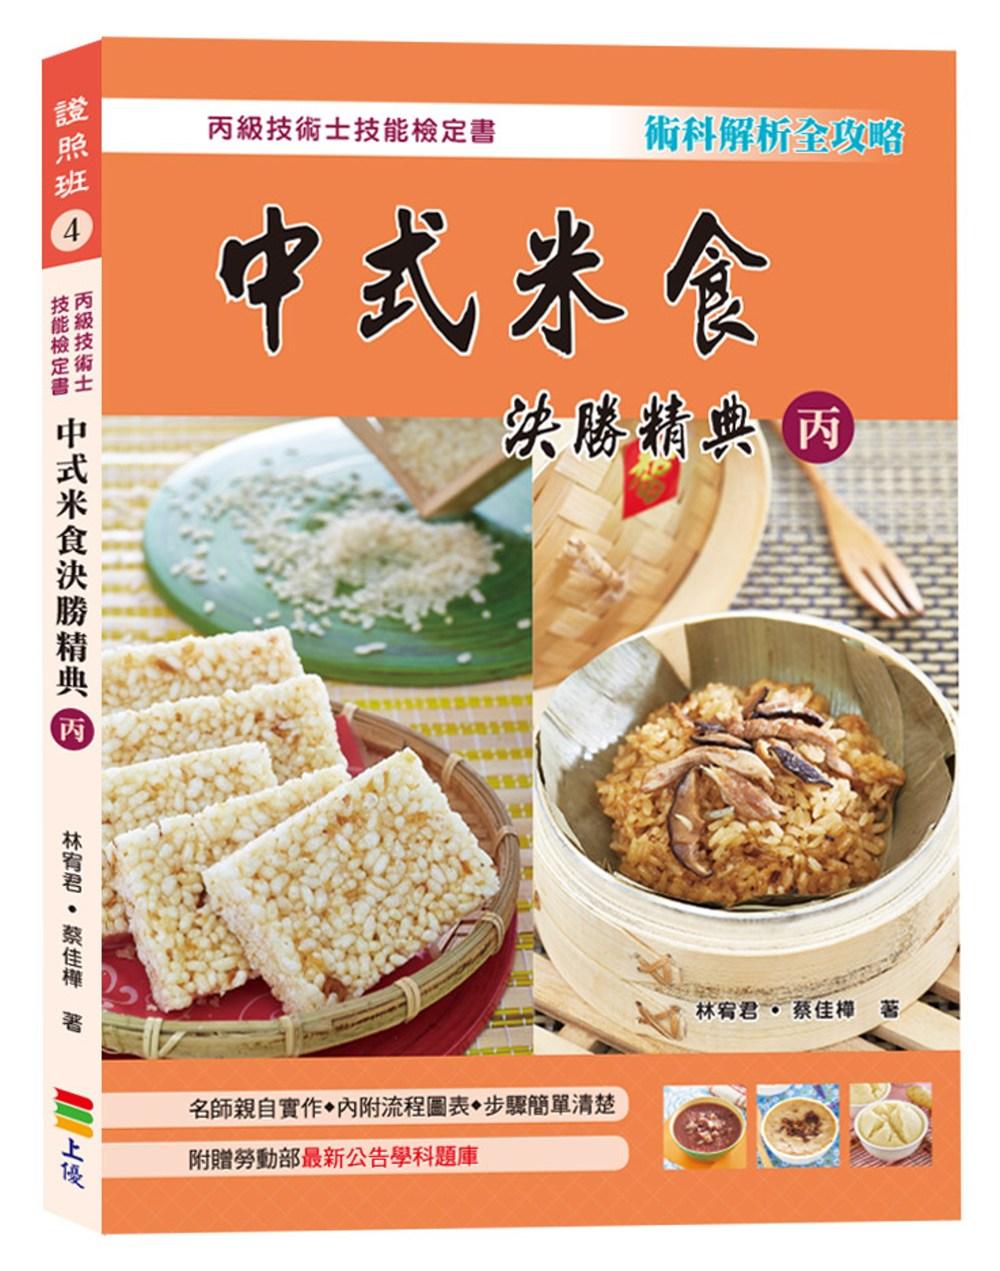 中式米食決勝精典(丙)2017(二版)